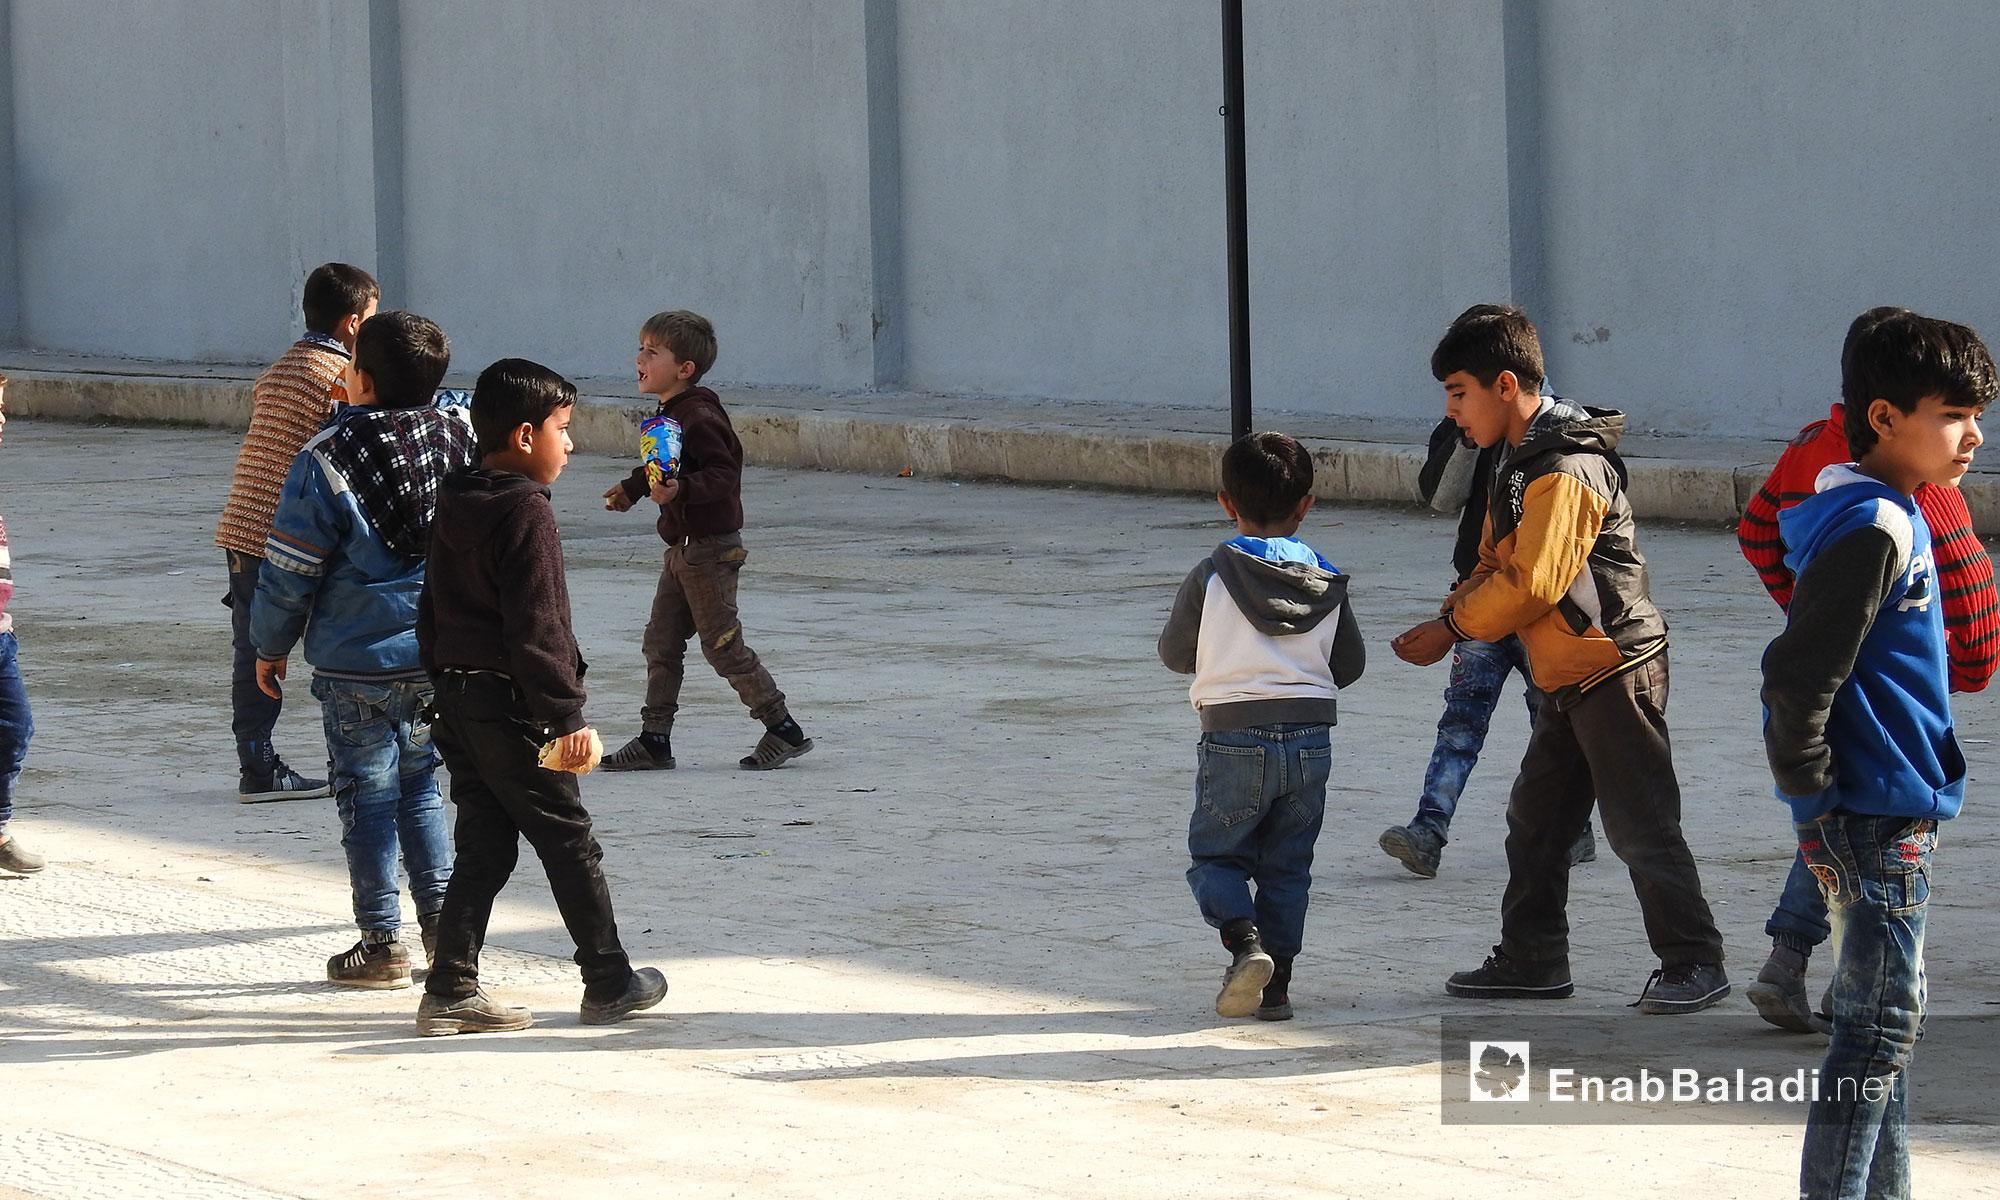 طلاب في باحة المدرسة في أحد مدارس بلدة دابق بريف حلب الشمالي - 5 شباط 2018 (عنب بلدي)